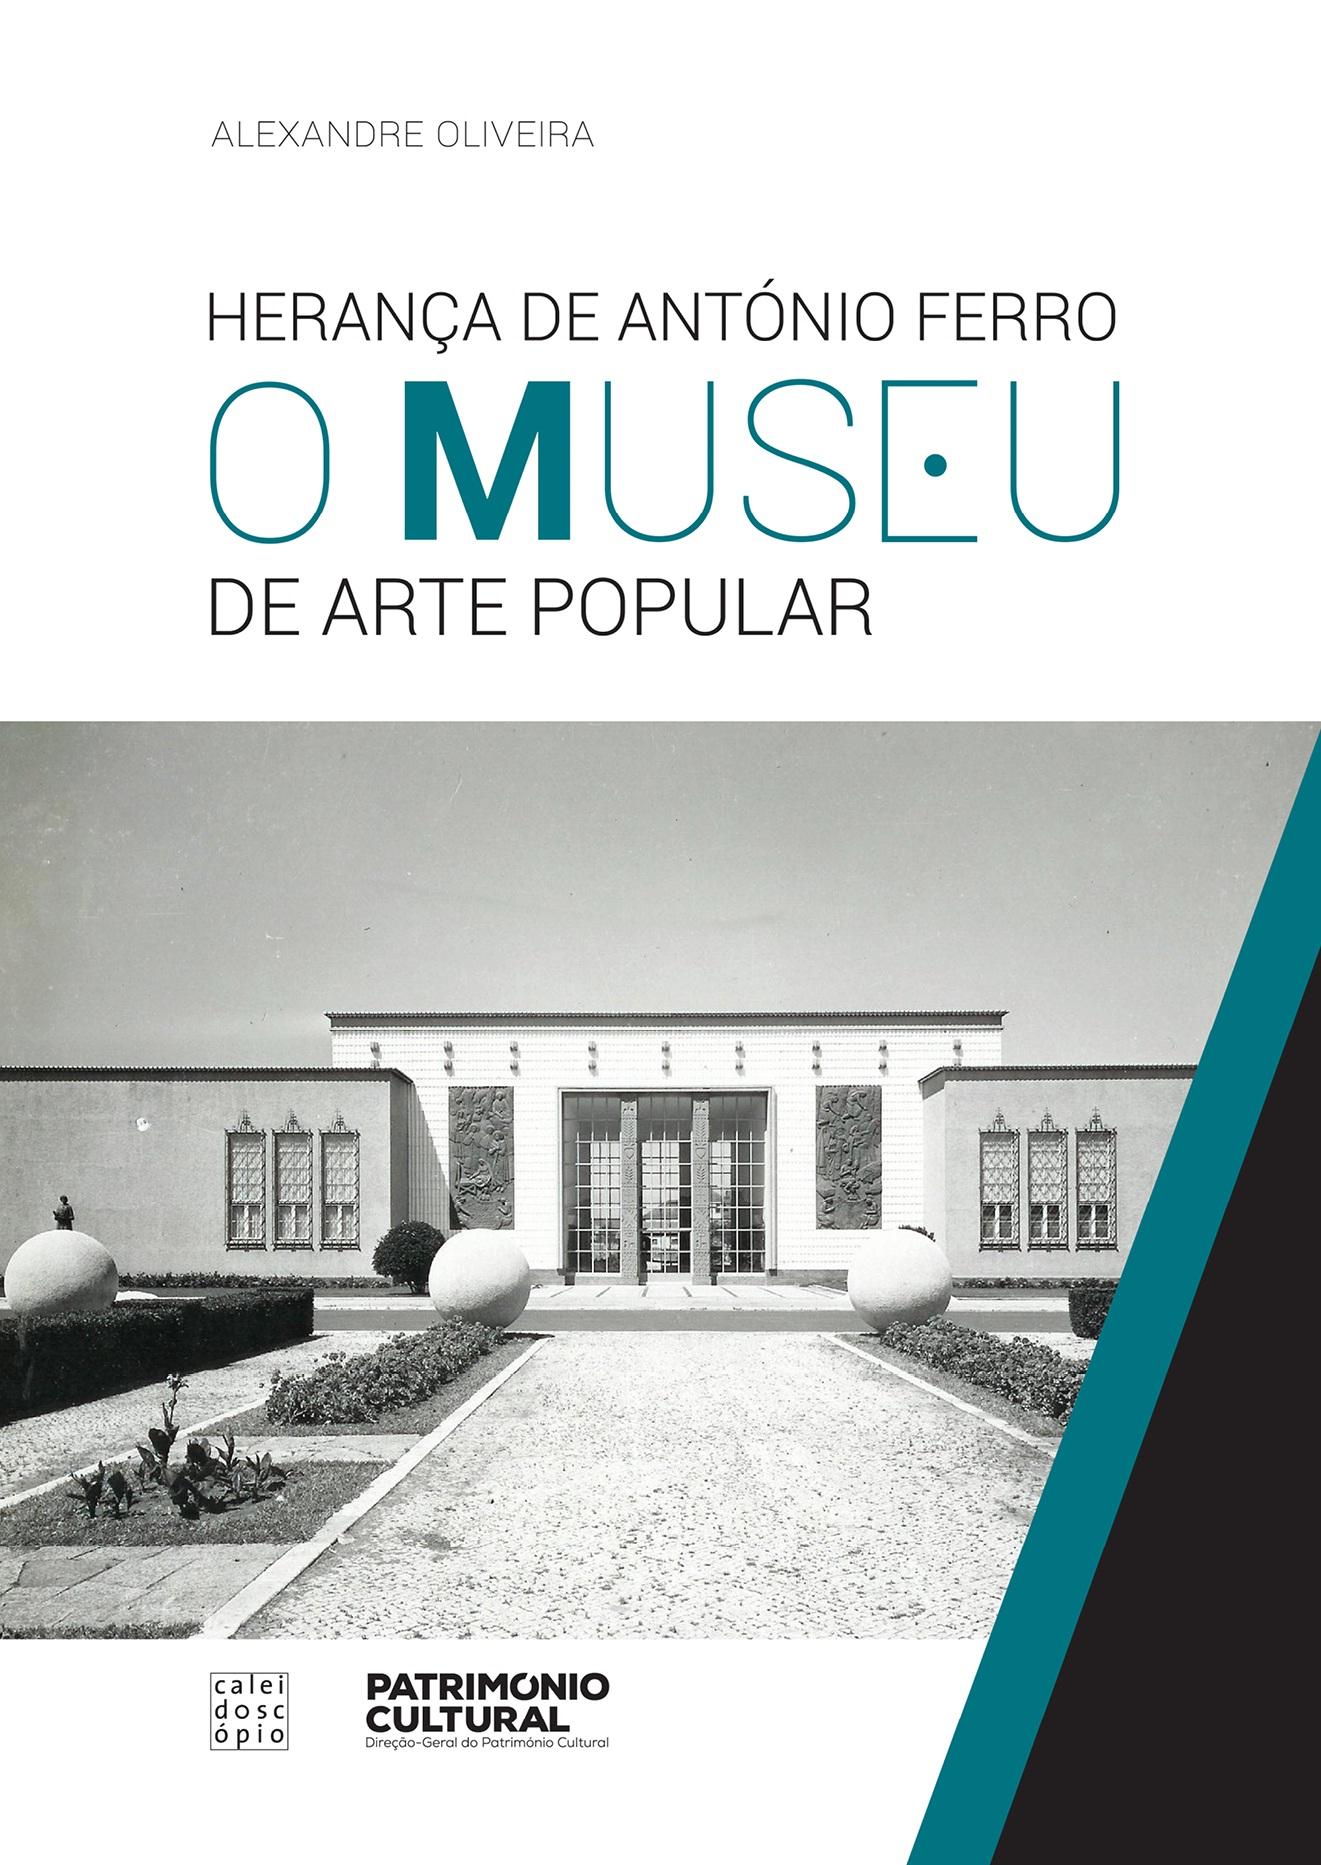 Capa do livro onde se mostra uma imagem a preto e branco do Museu de Arte Popular